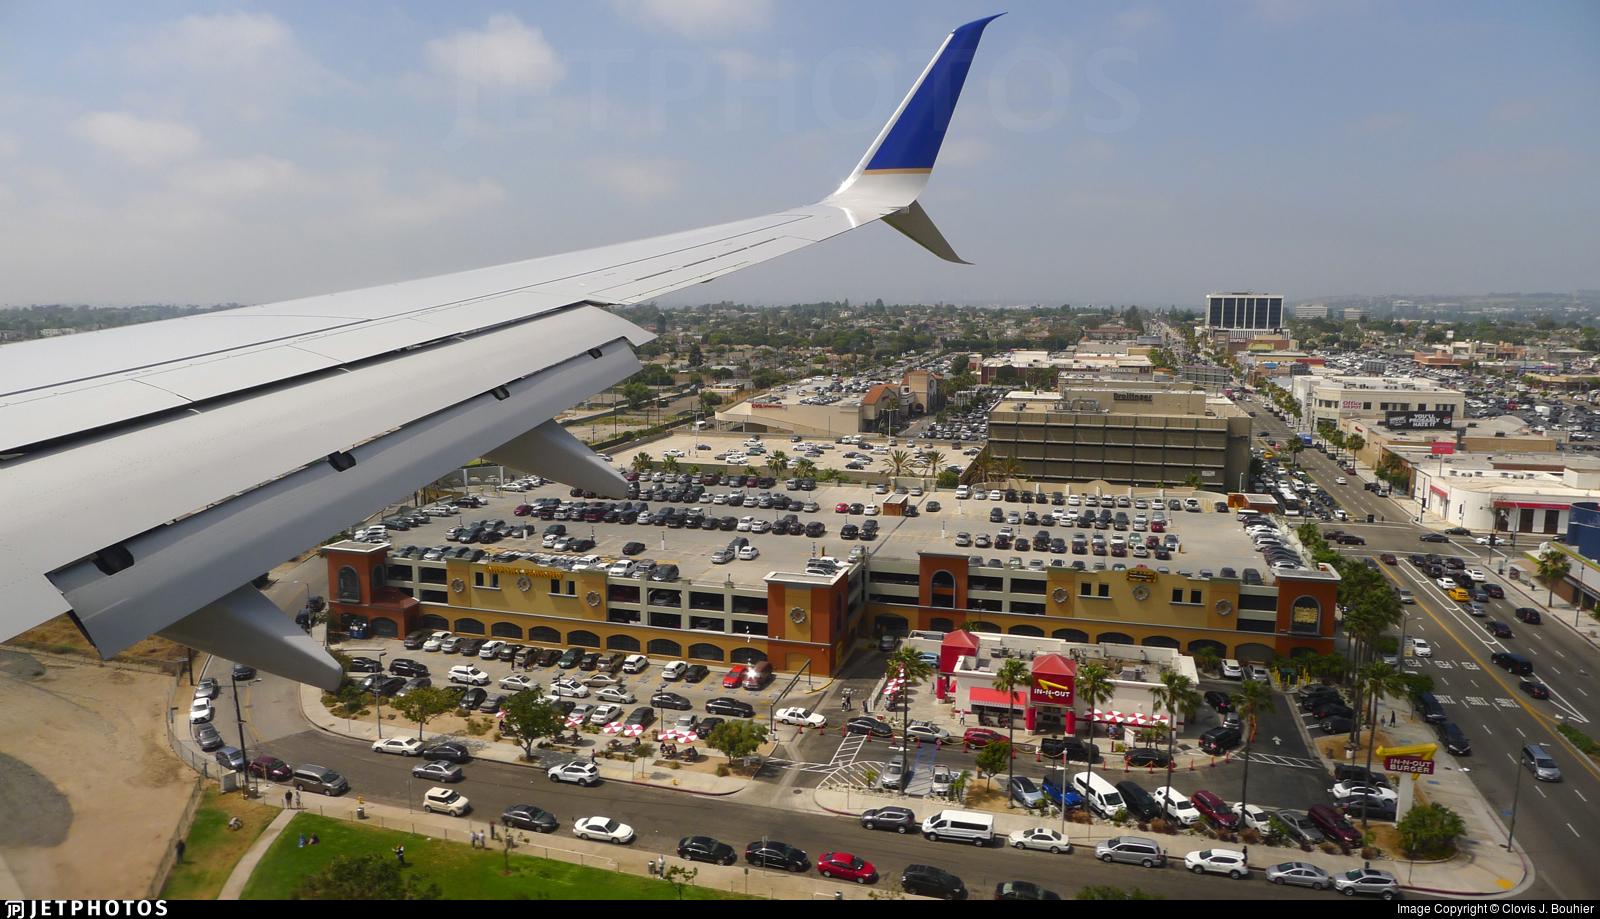 N26226 - Boeing 737-824 - United Airlines